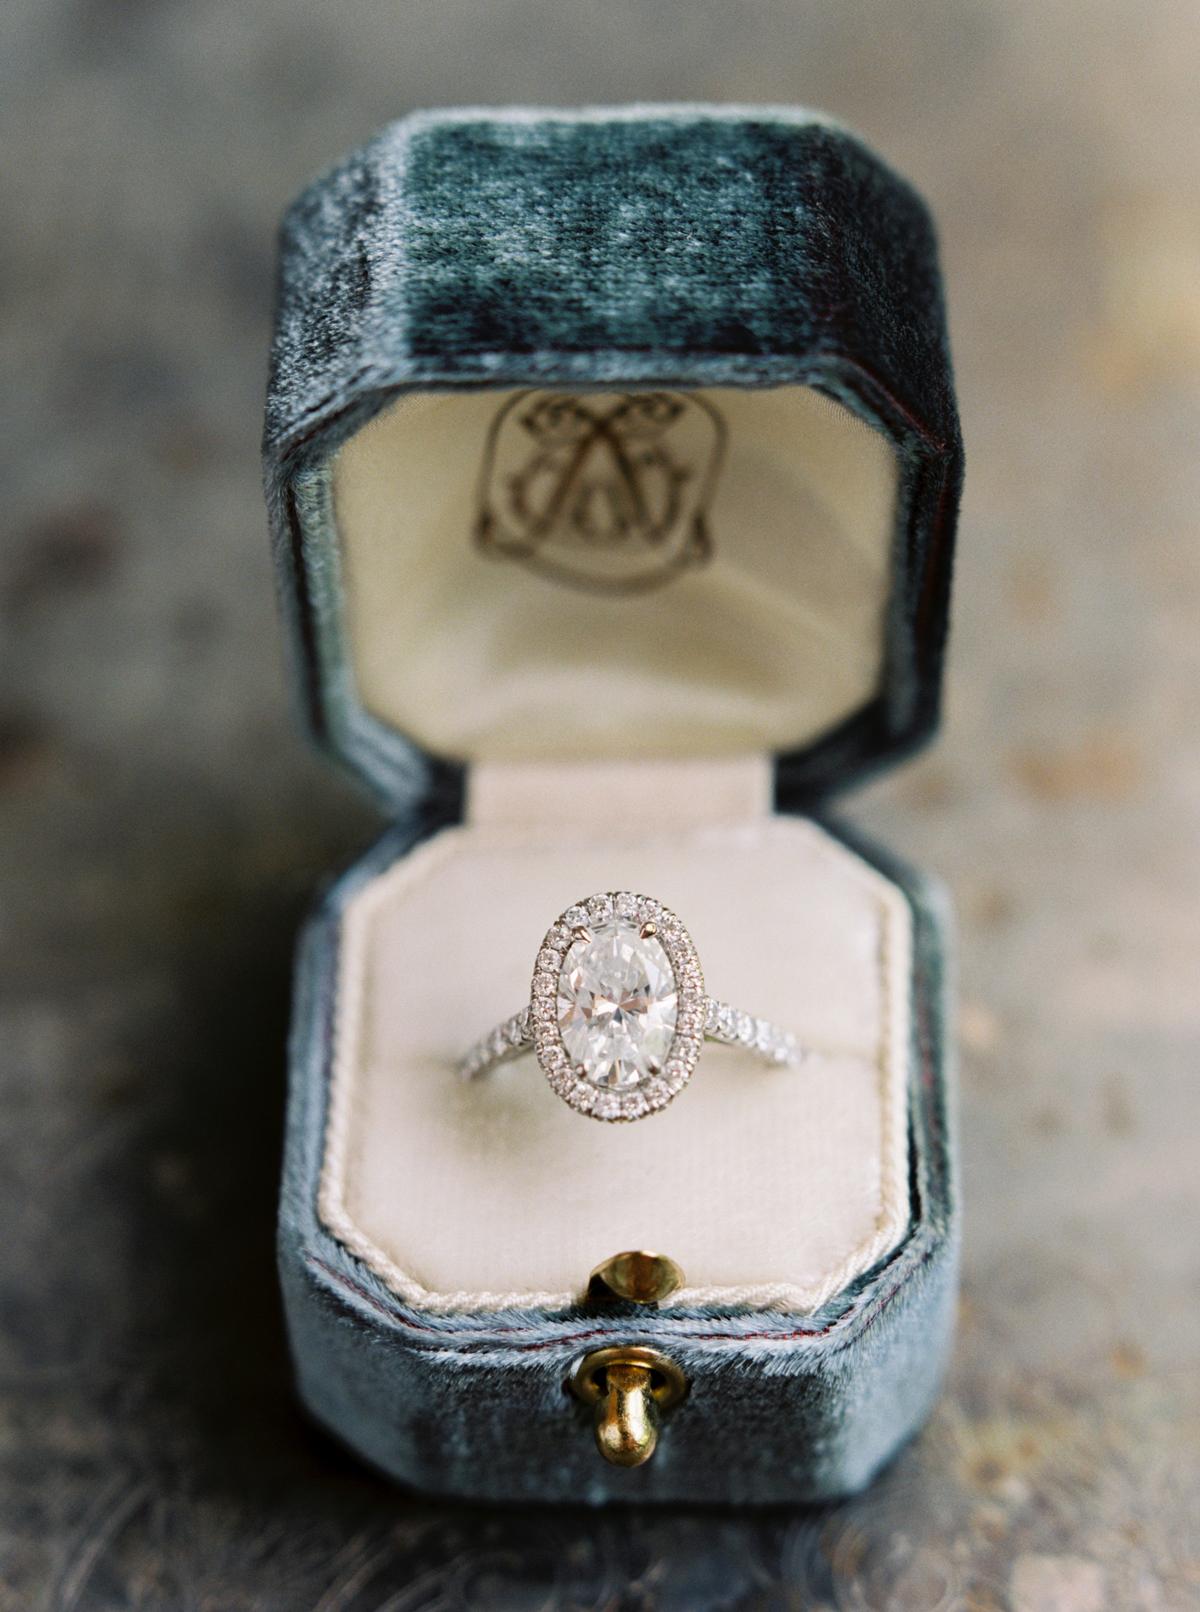 jada-jeffrey-wedding-ring-0619.jpg